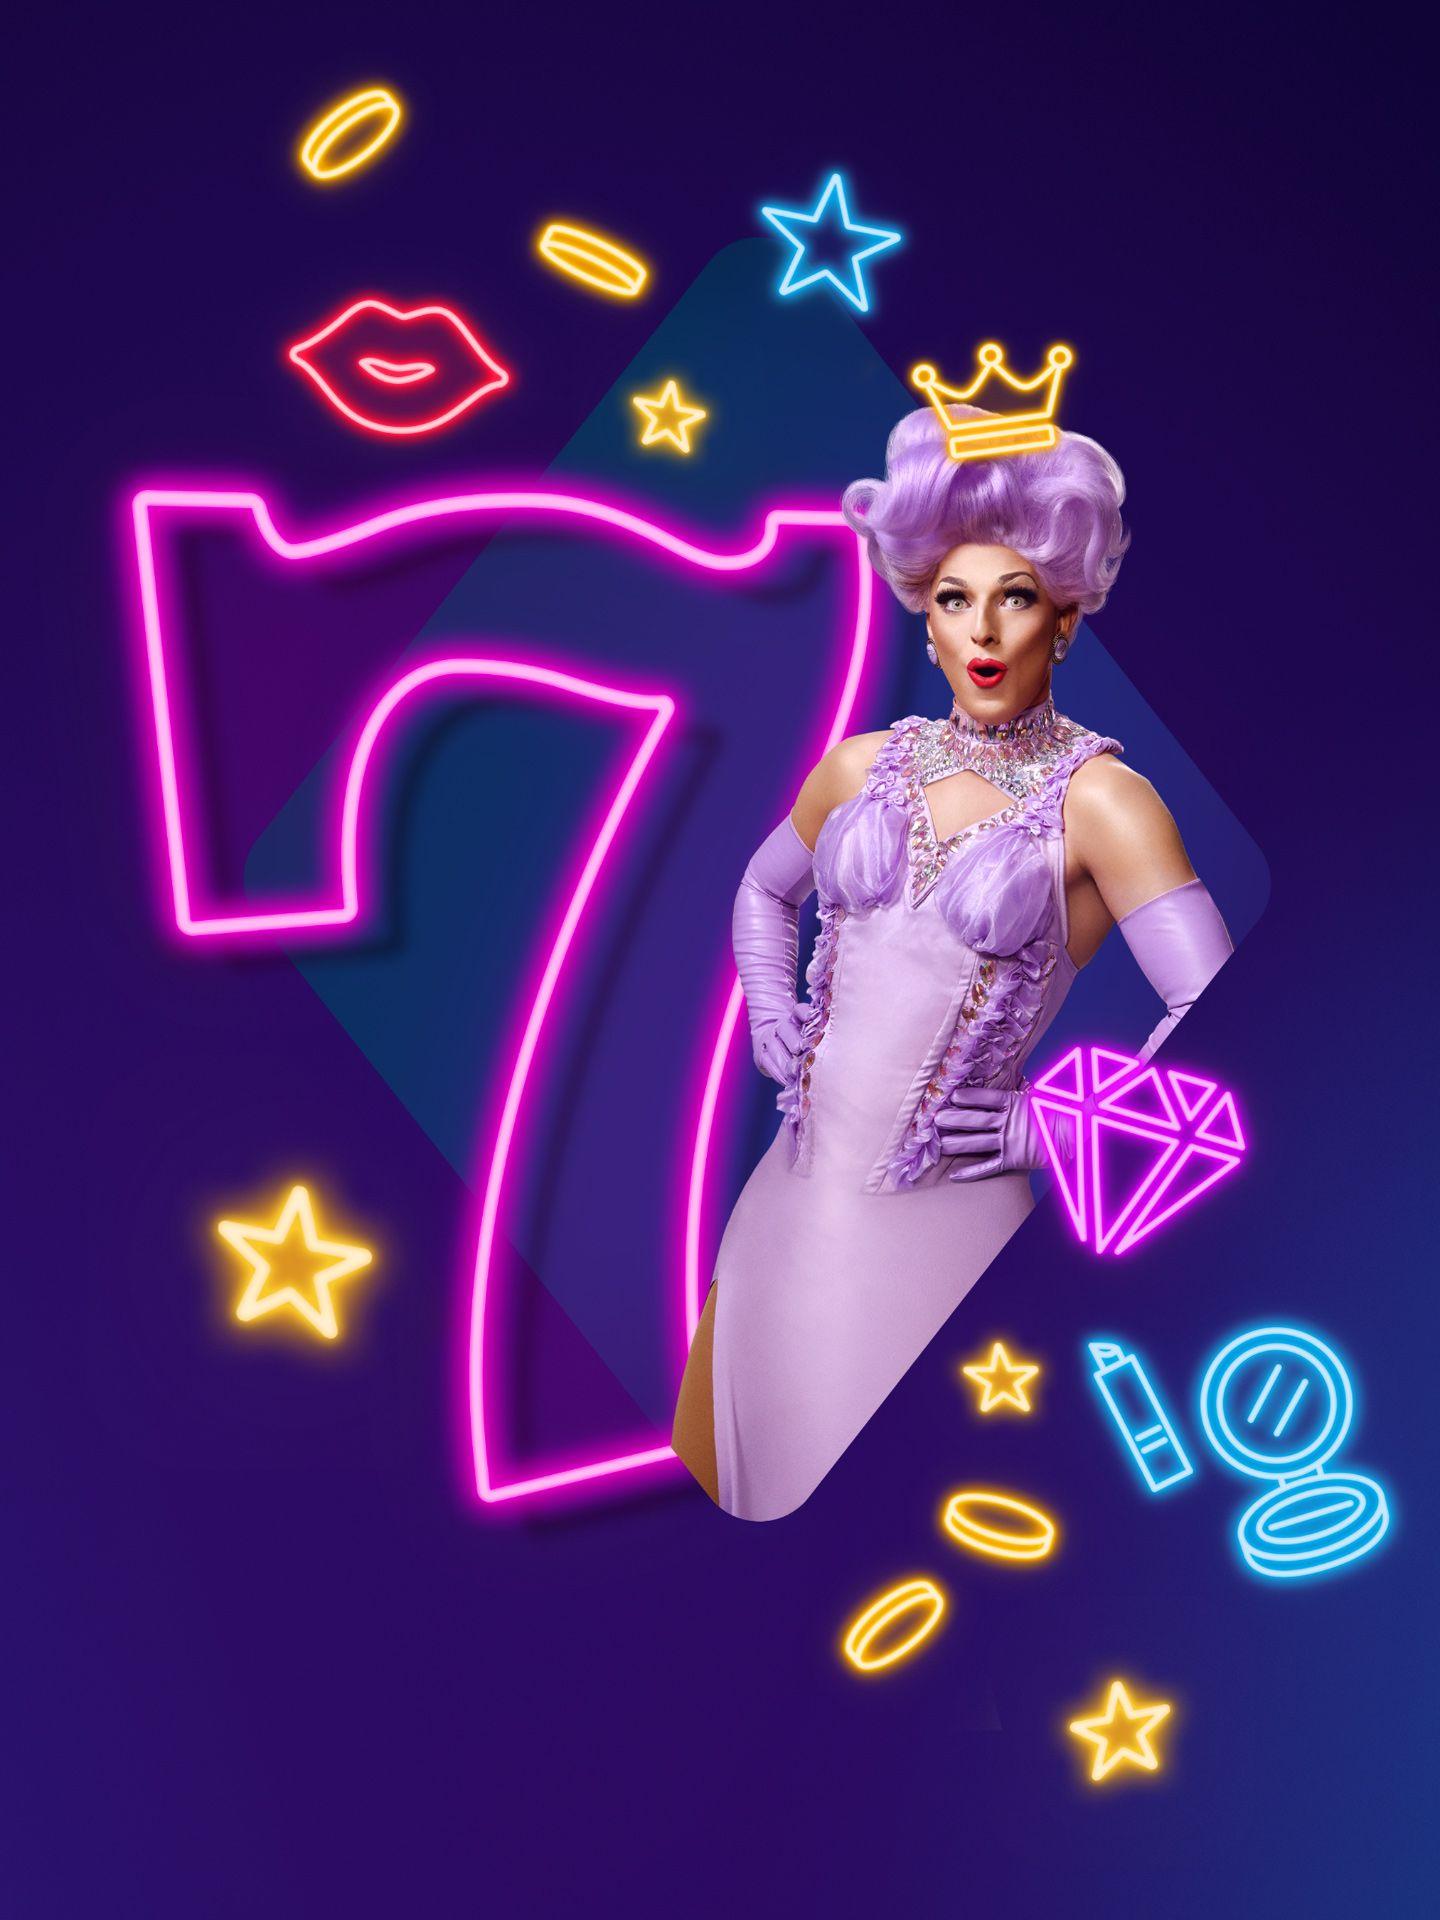 Dragqueen Gysele posing in a purple dress for photographer Jocelyn Michel